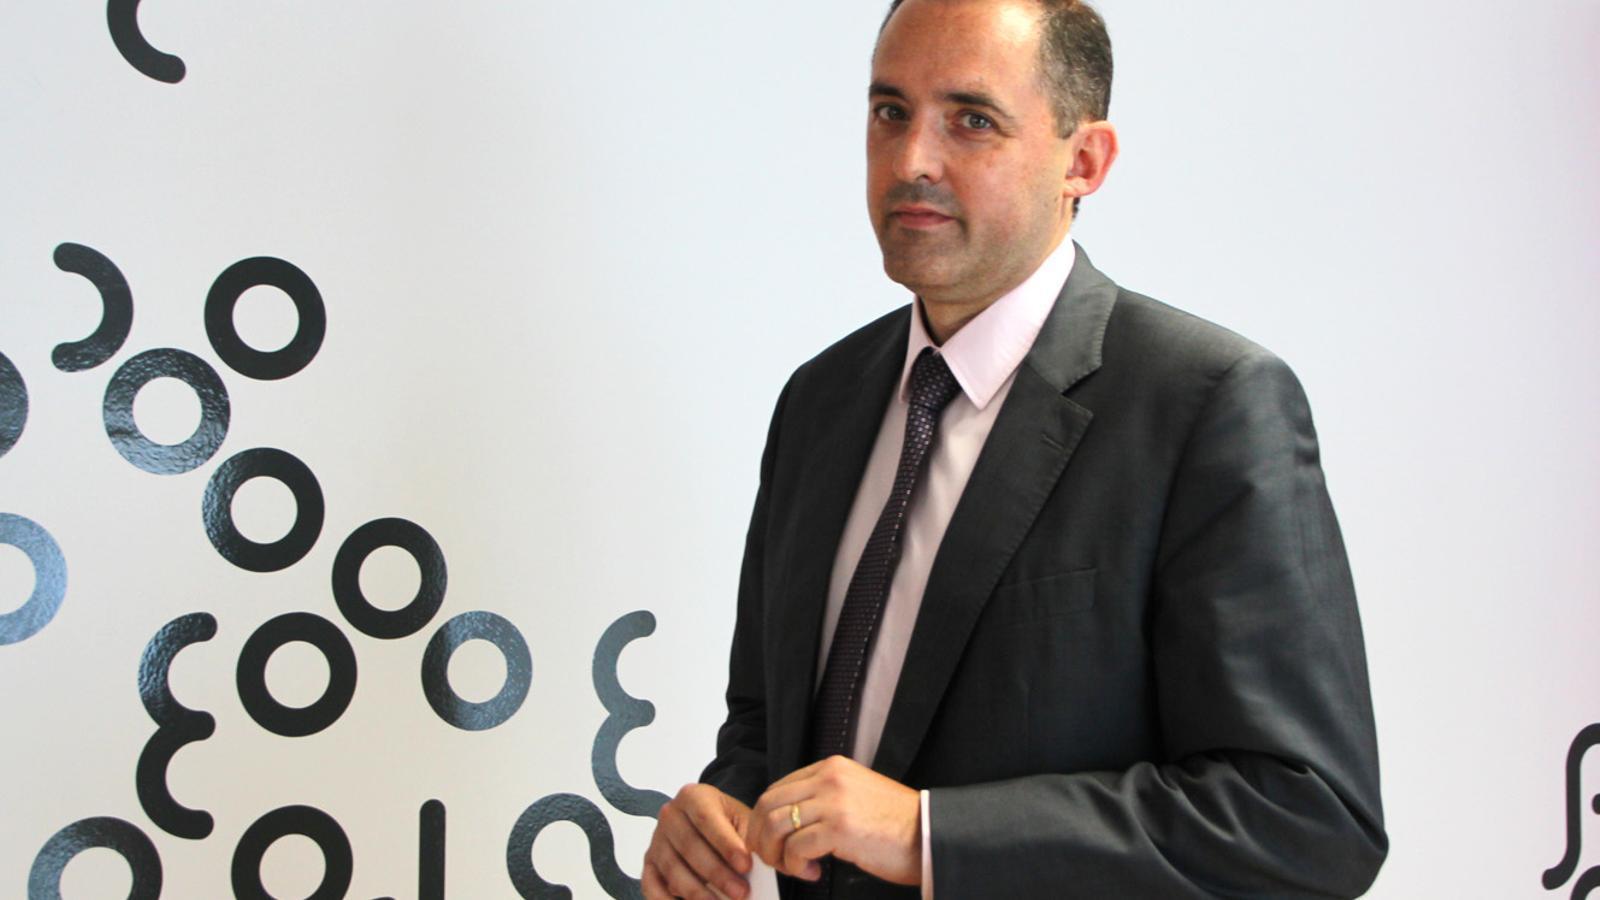 El director general d'Andorra Telecom, Jordi Nadal. / M.T. (ANA)